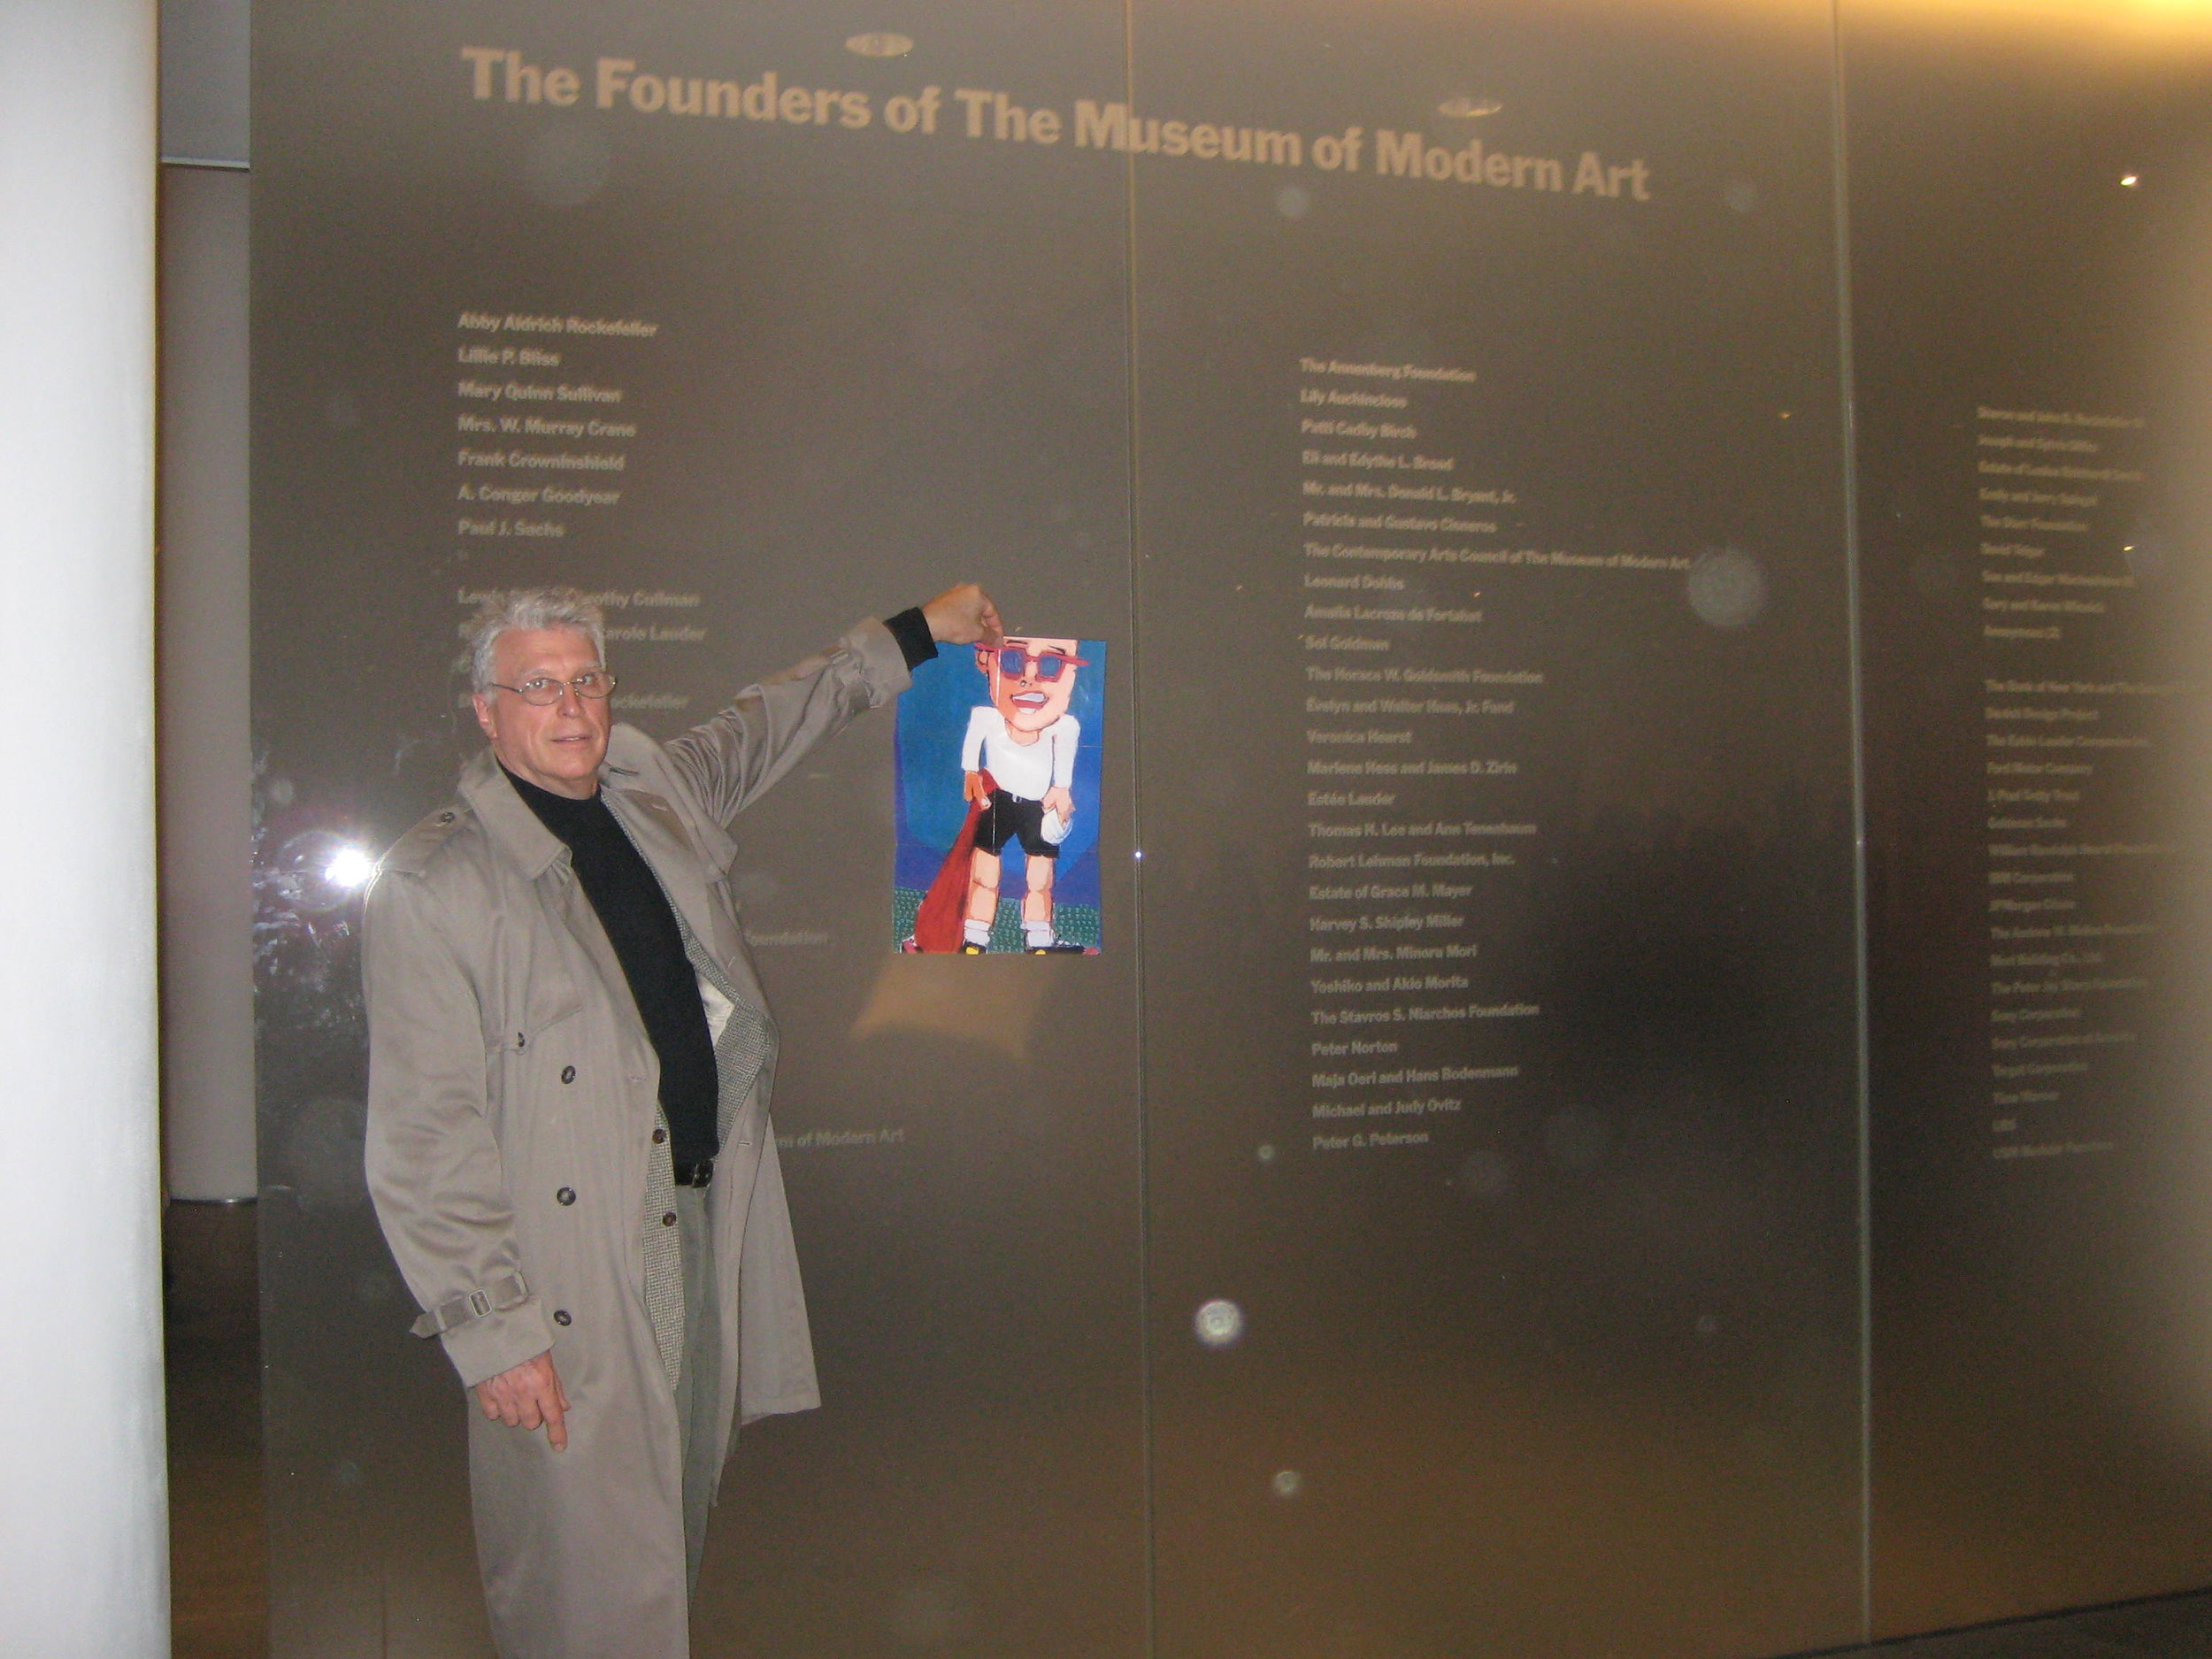 GA FOG 2008 Anderson at MOMA, with Bat Boy IMG_1204.JPG